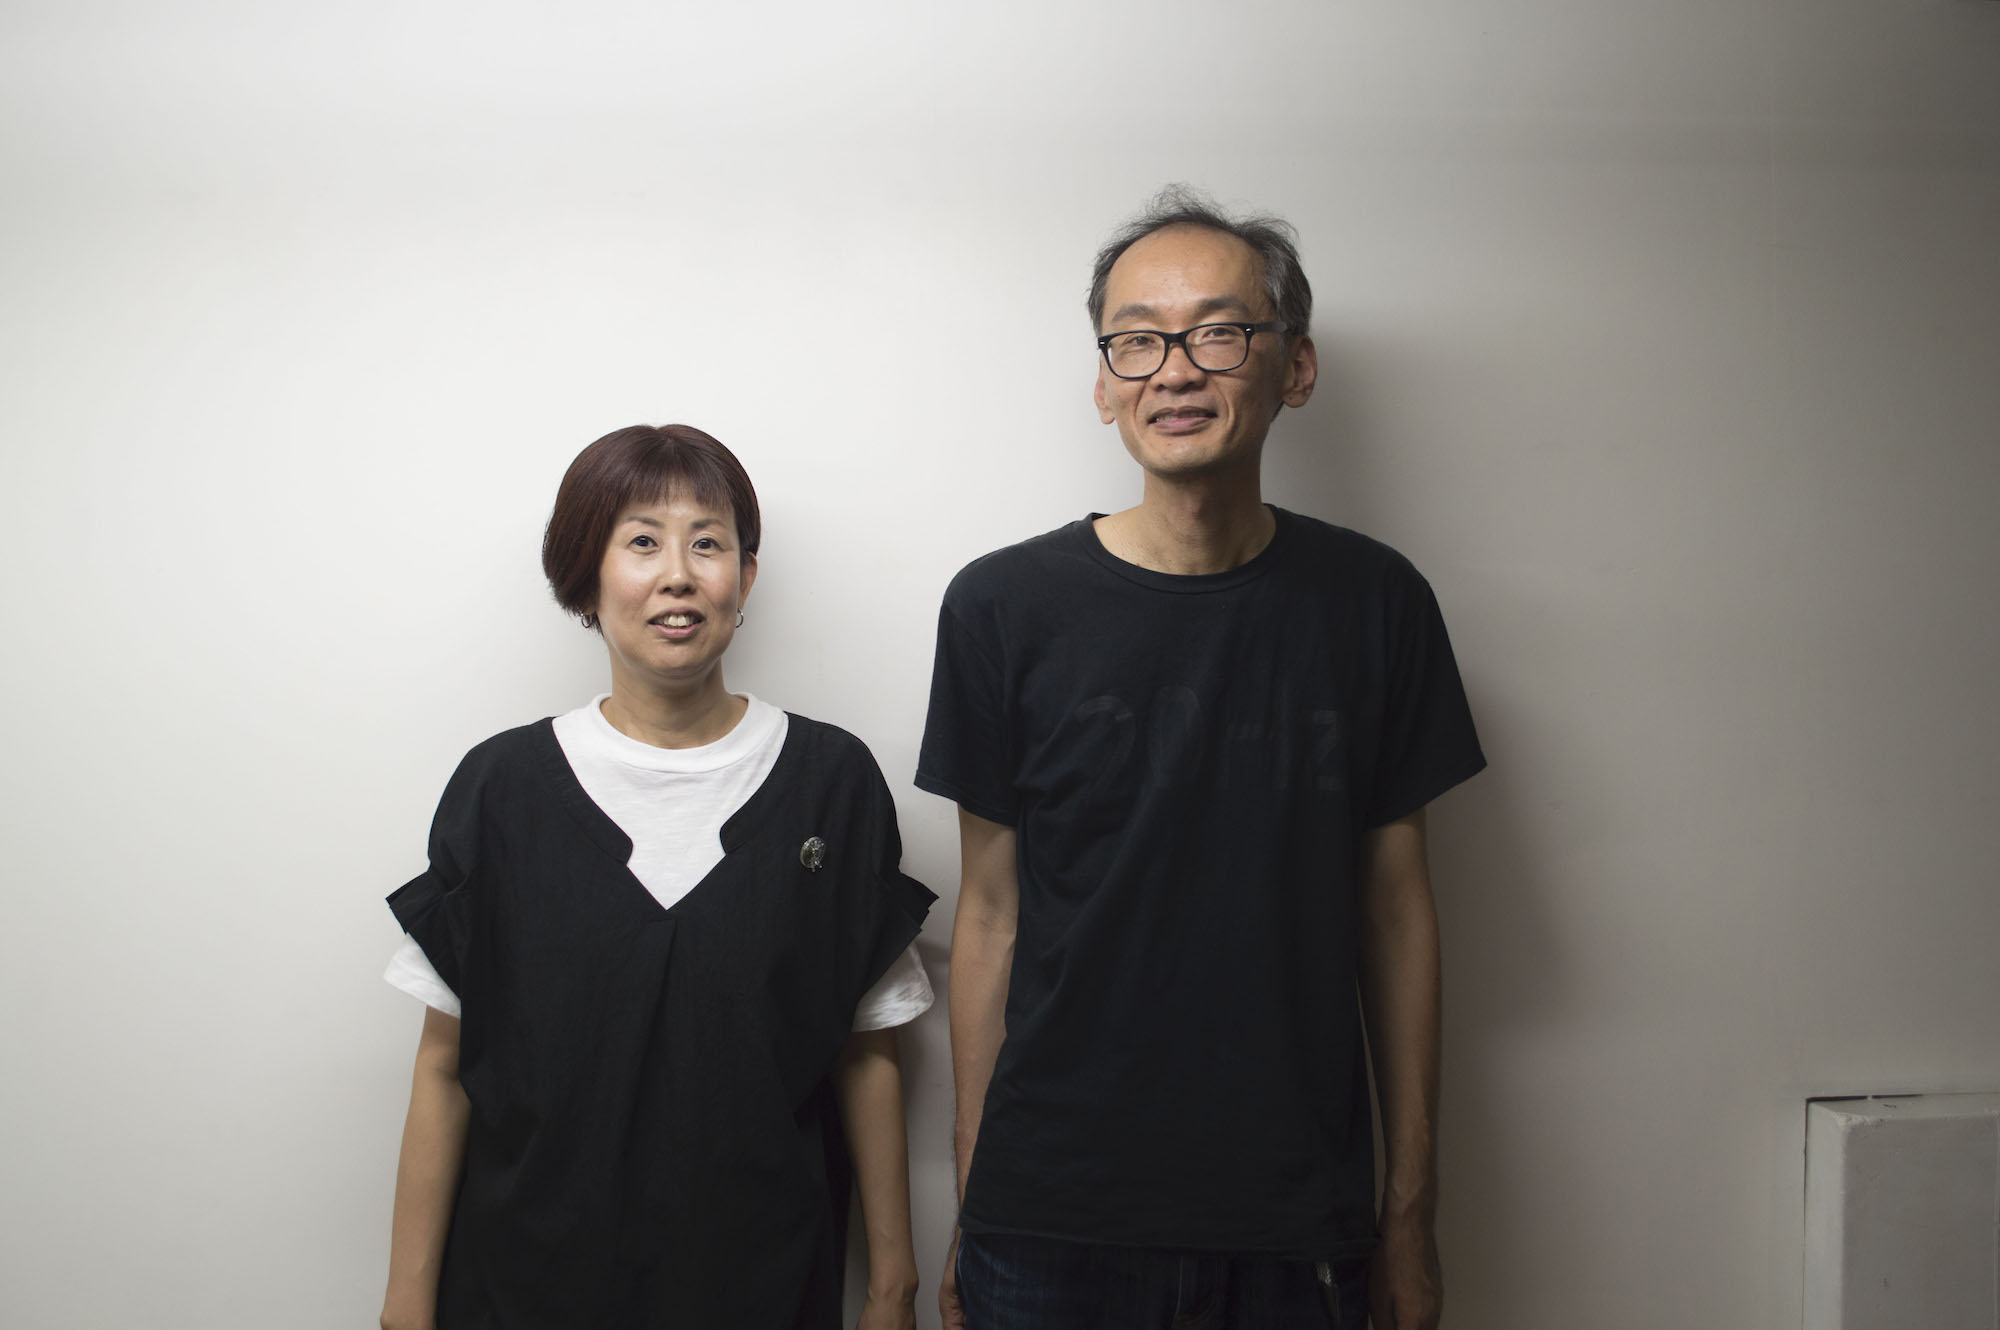 左より畔柳佐季子氏 畔柳寿宏氏